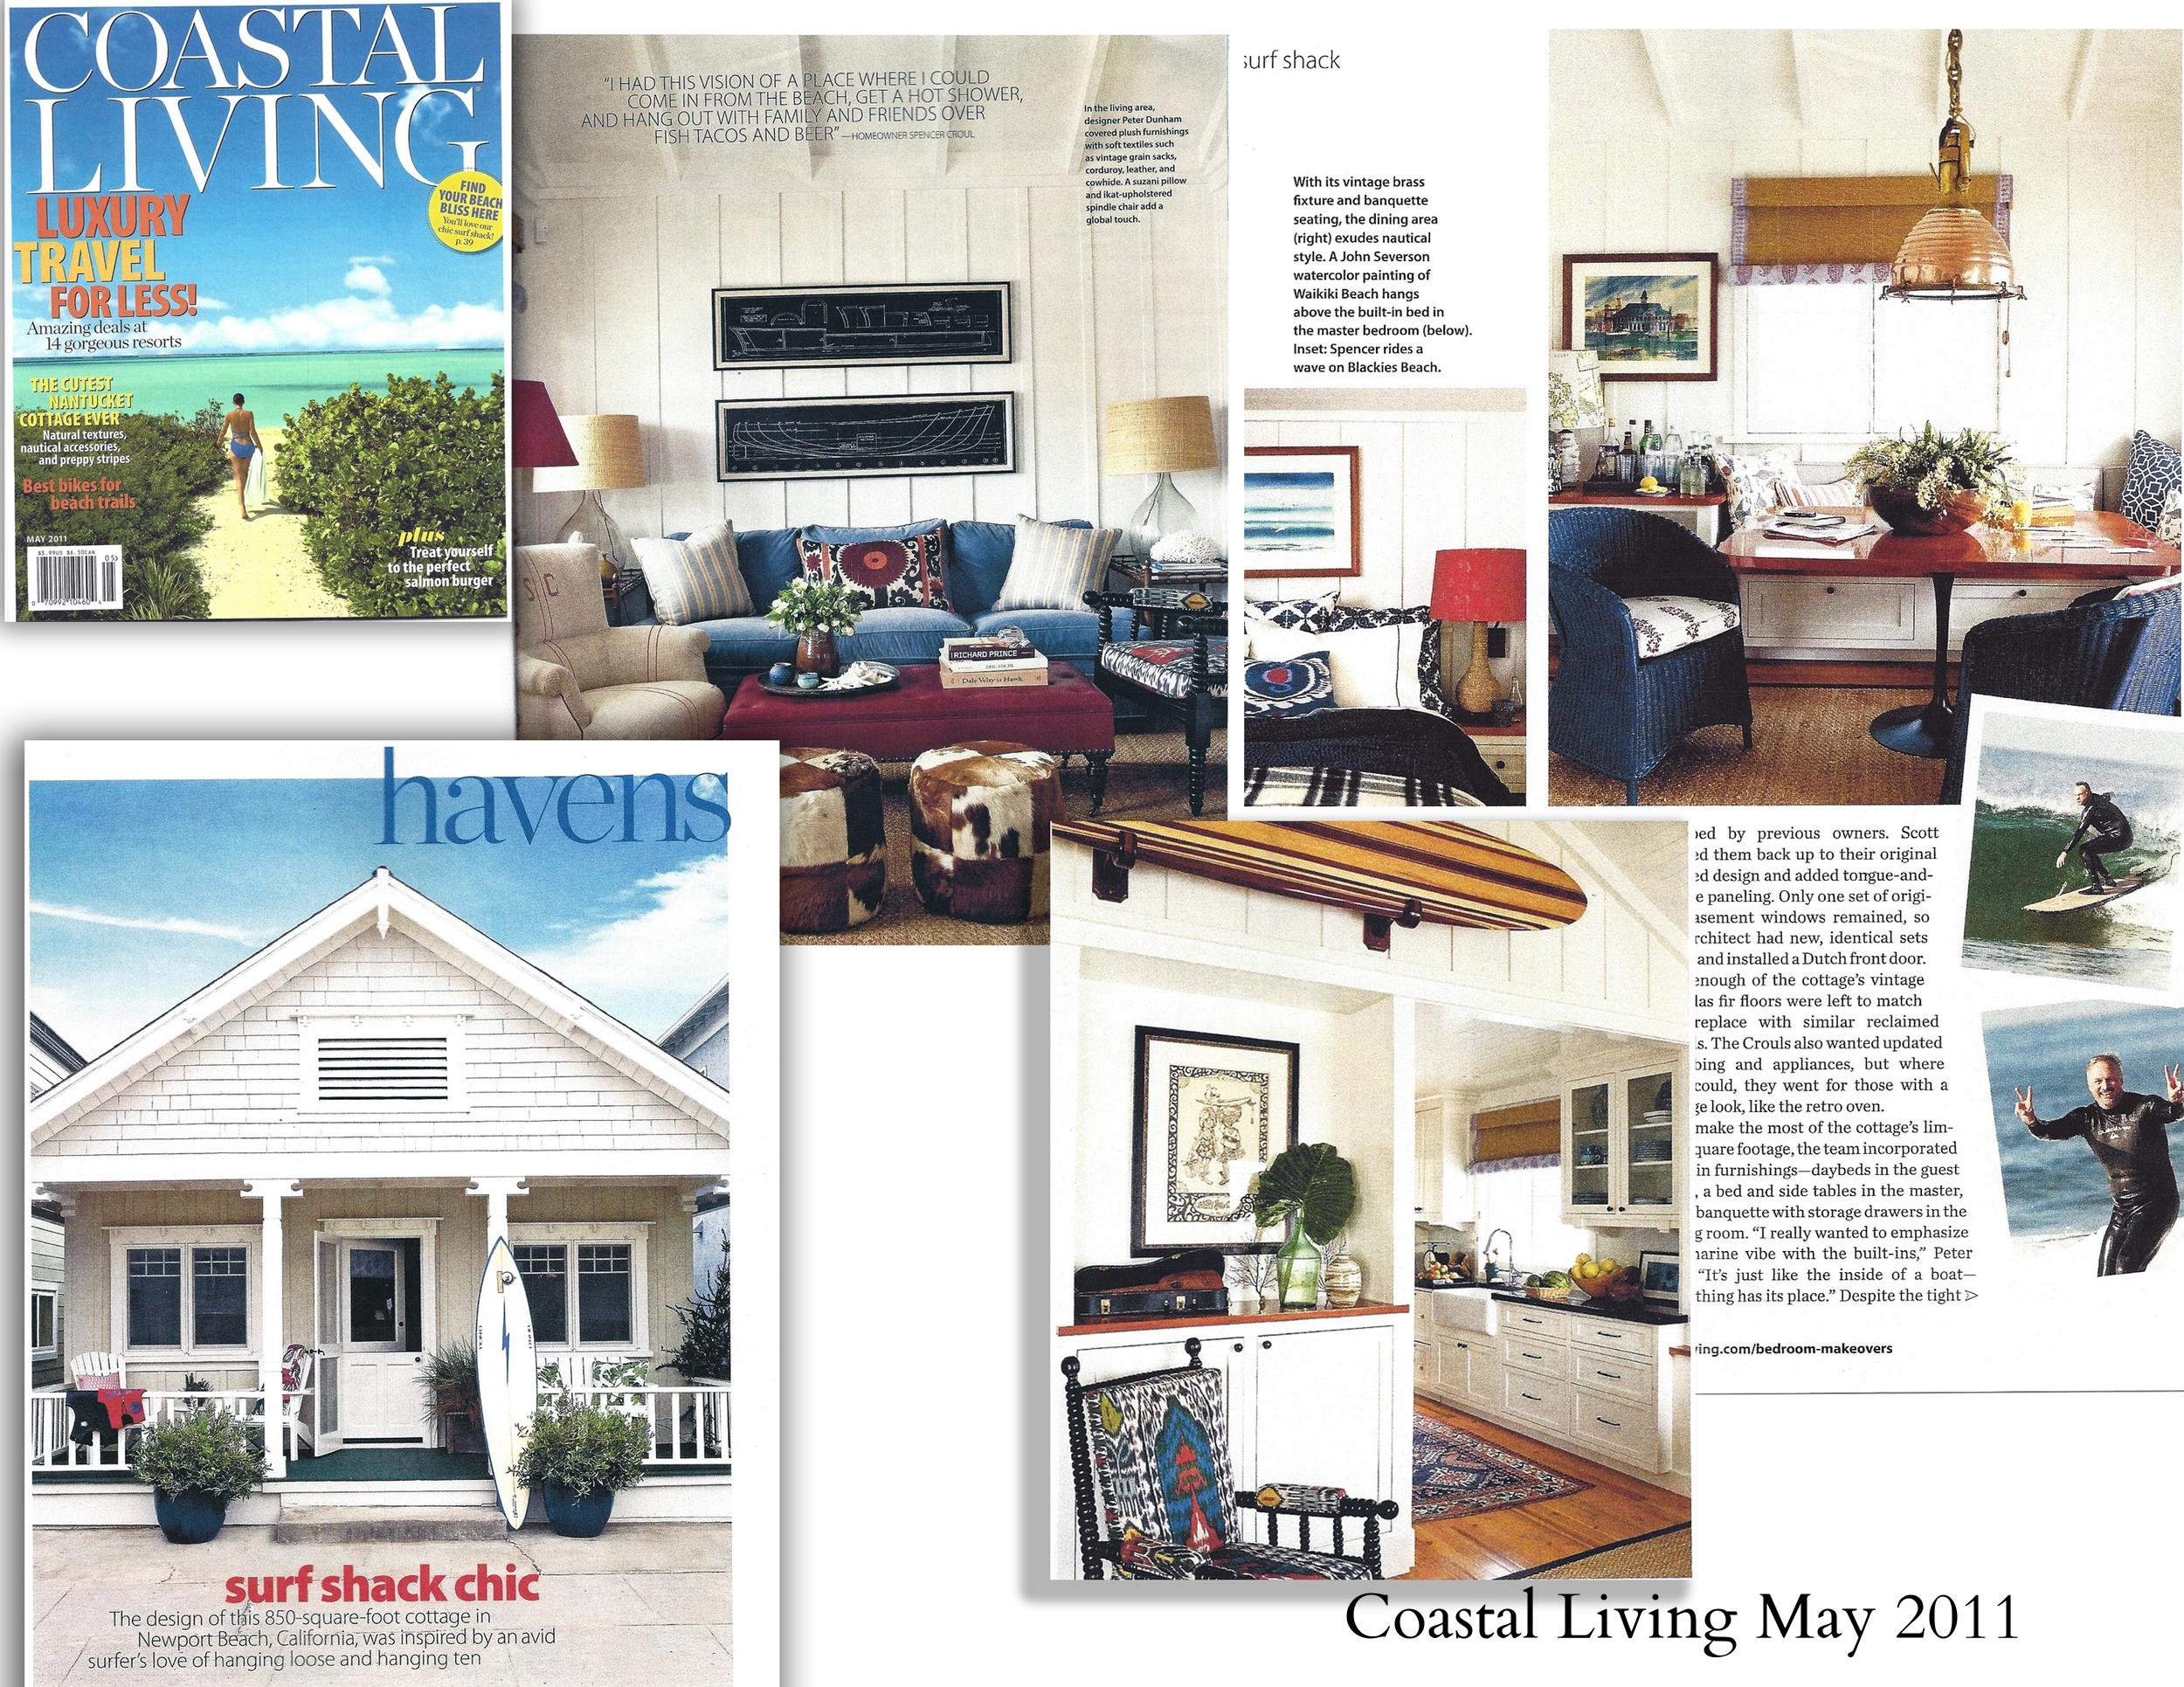 Coastal living May 2011.jpg